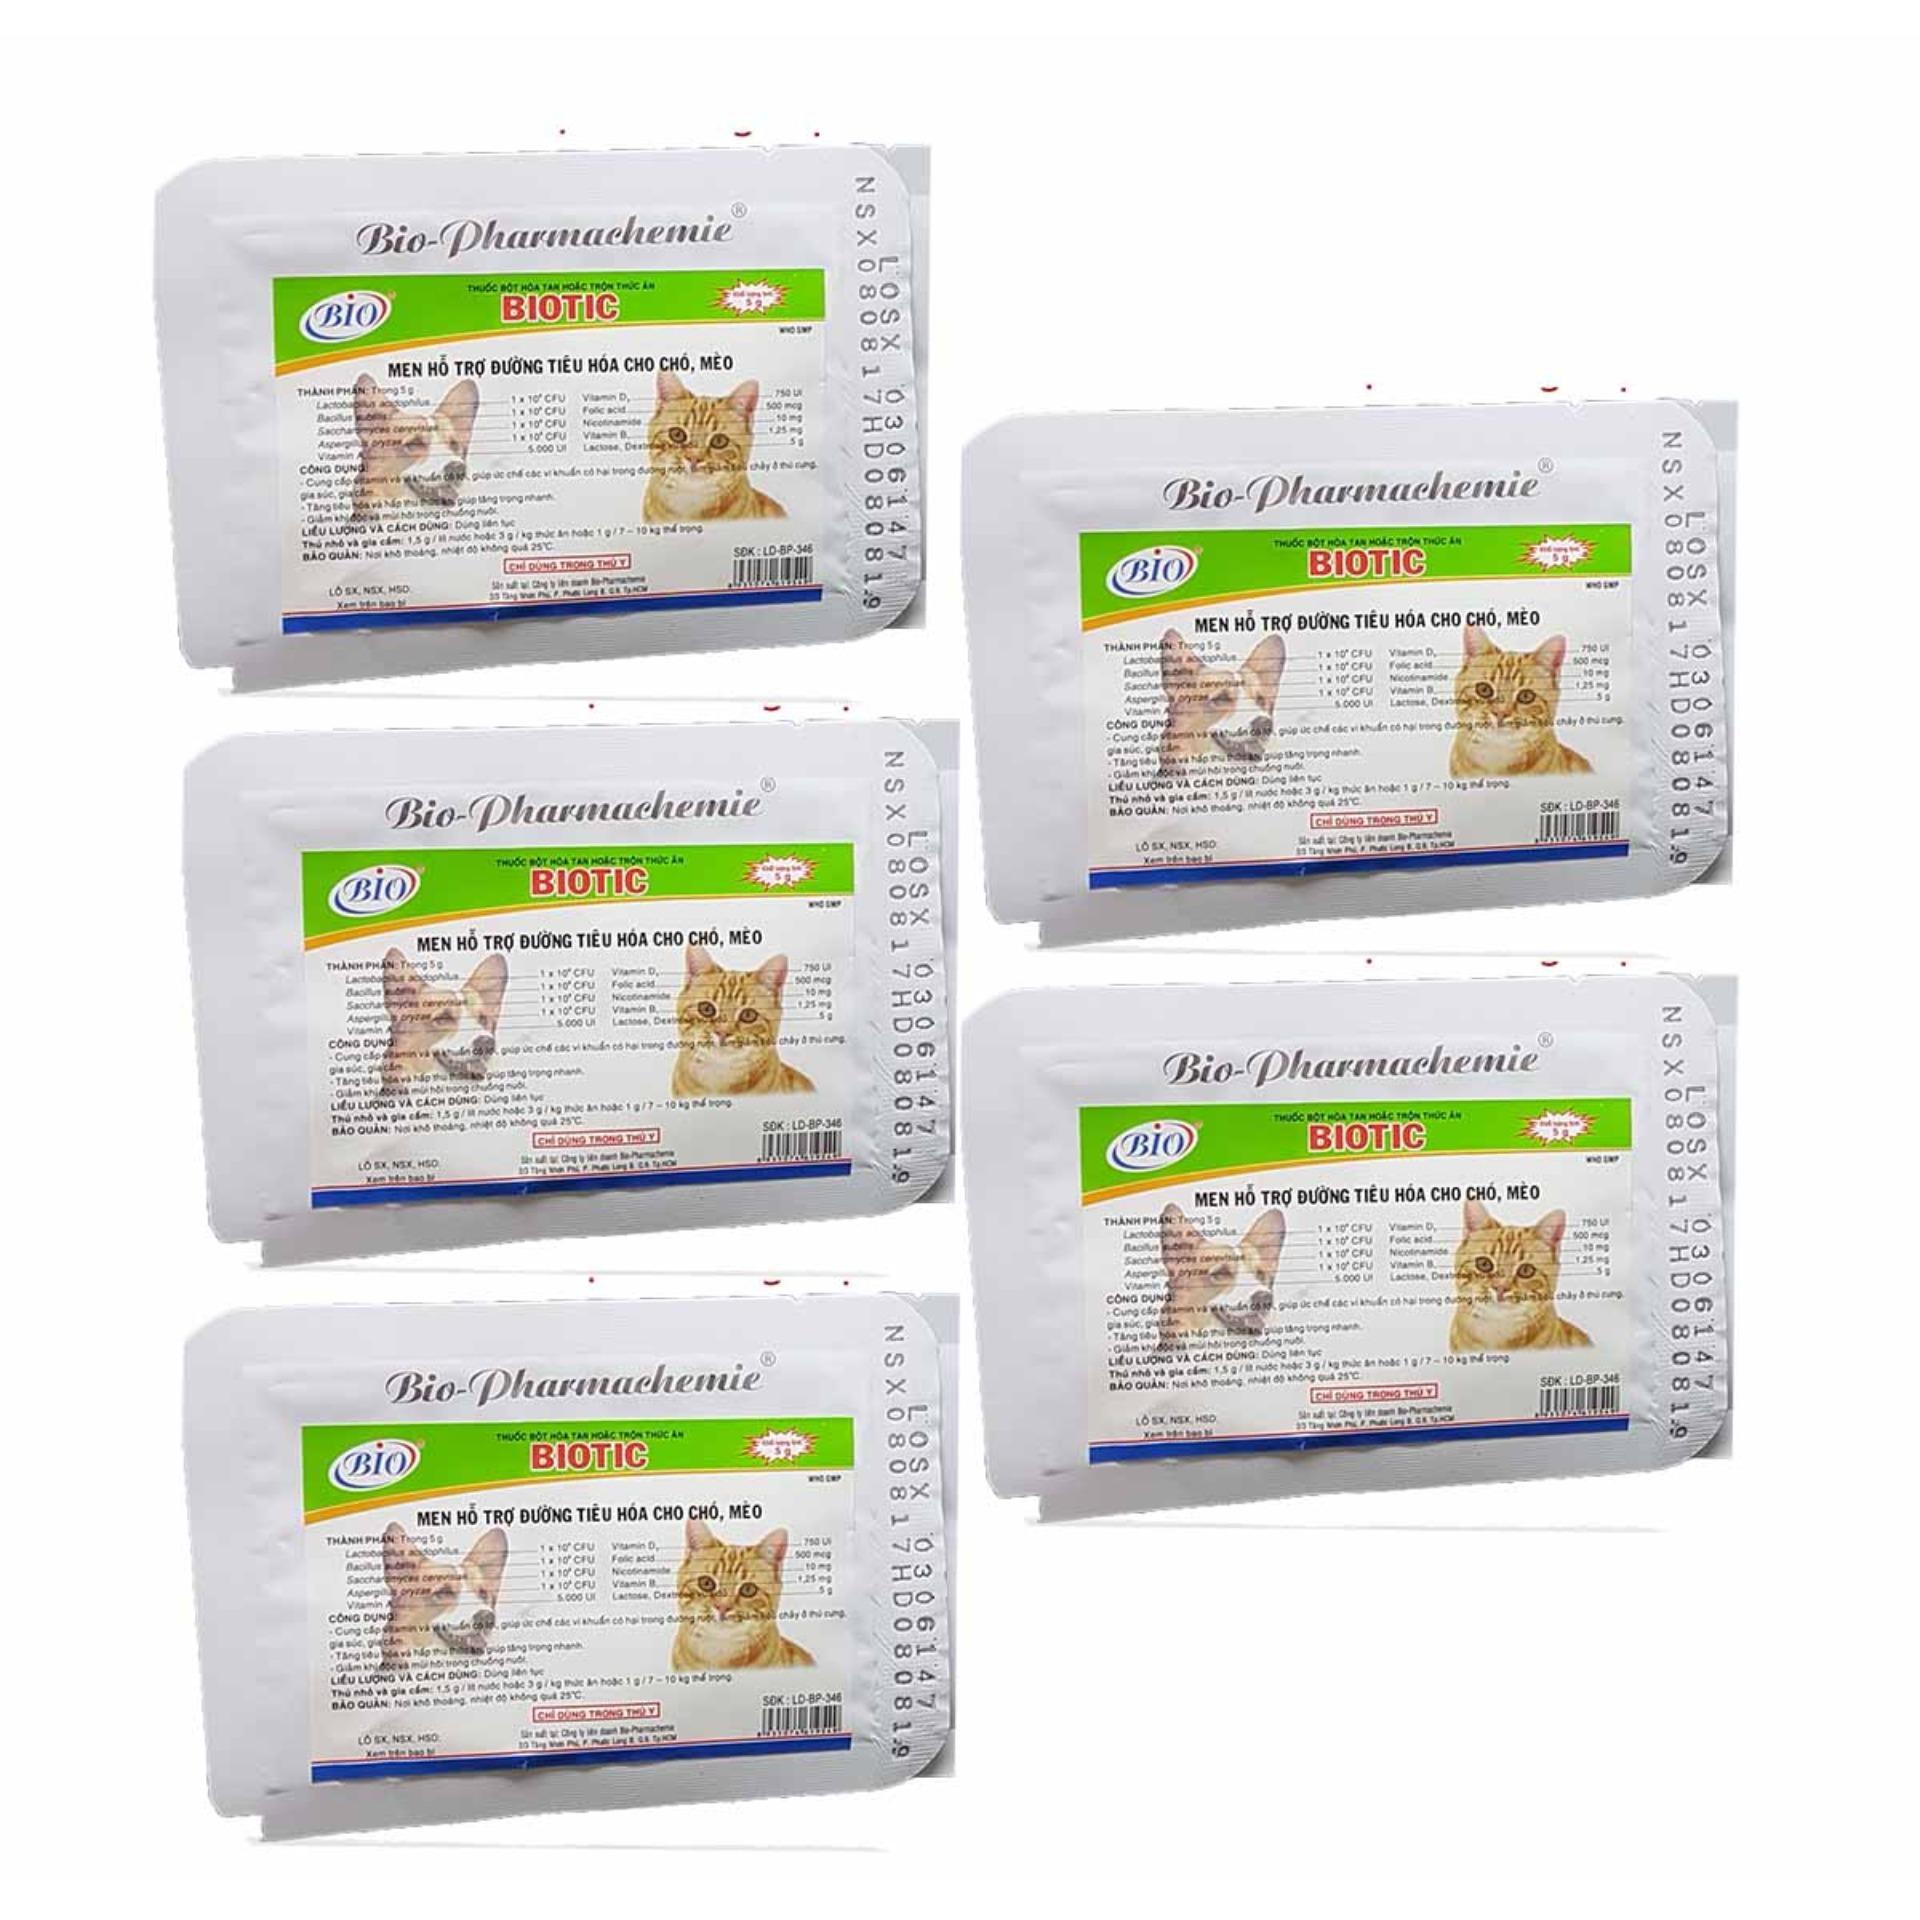 Men tiêu hóa cho chó mèo hamster - Men cho thú cưng - 5 Gói Biotic Nhật Bản